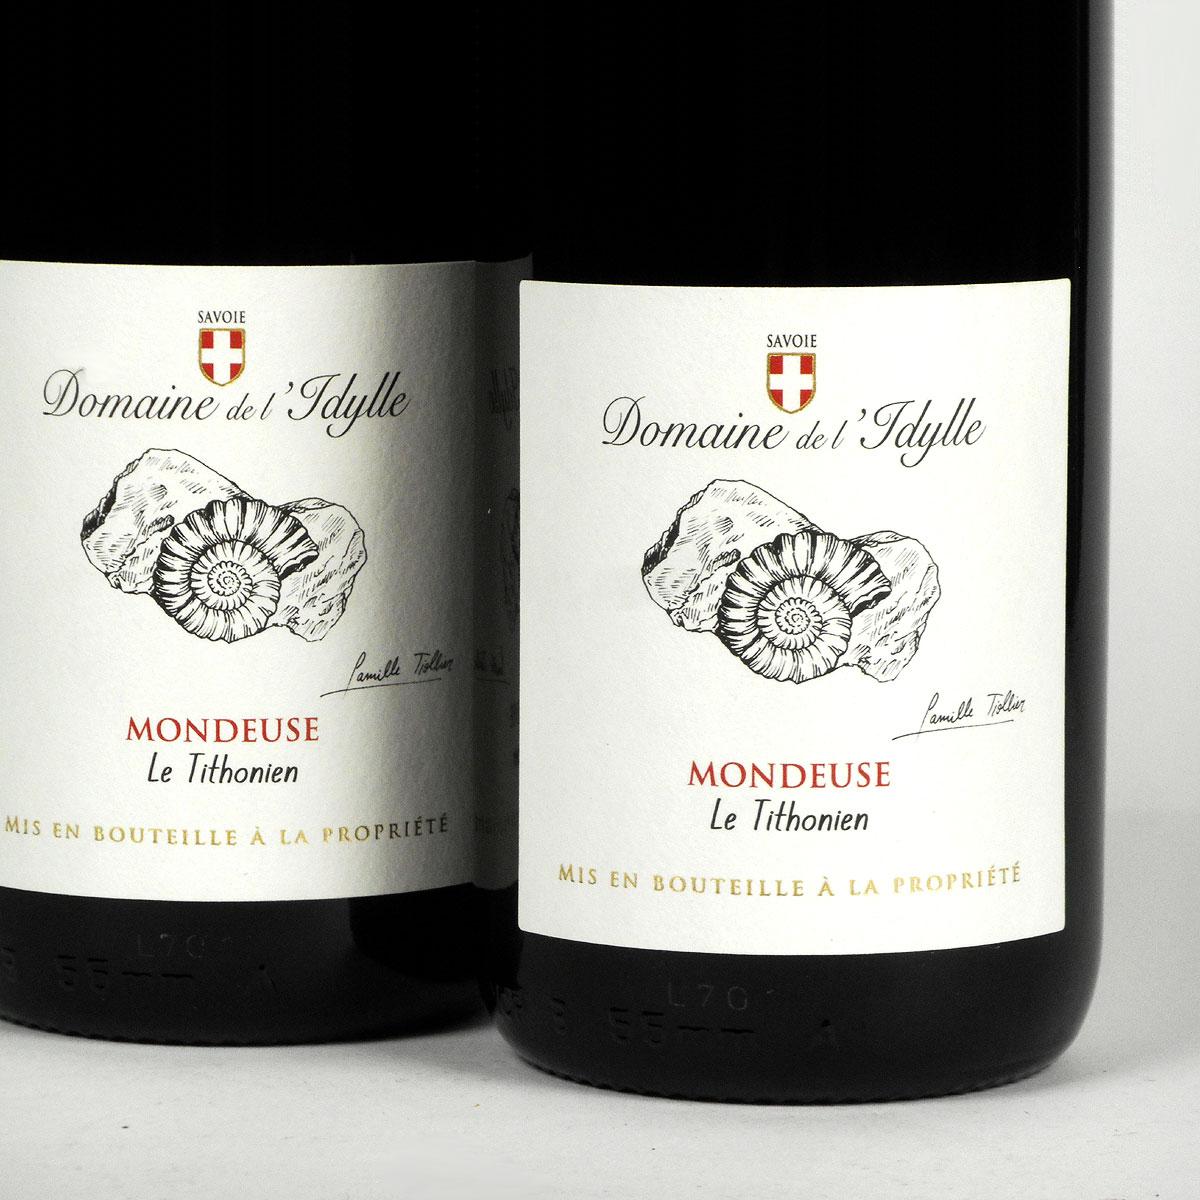 Savoie: Domaine de L'Idylle Mondeuse 'Le Tithonien' 2018